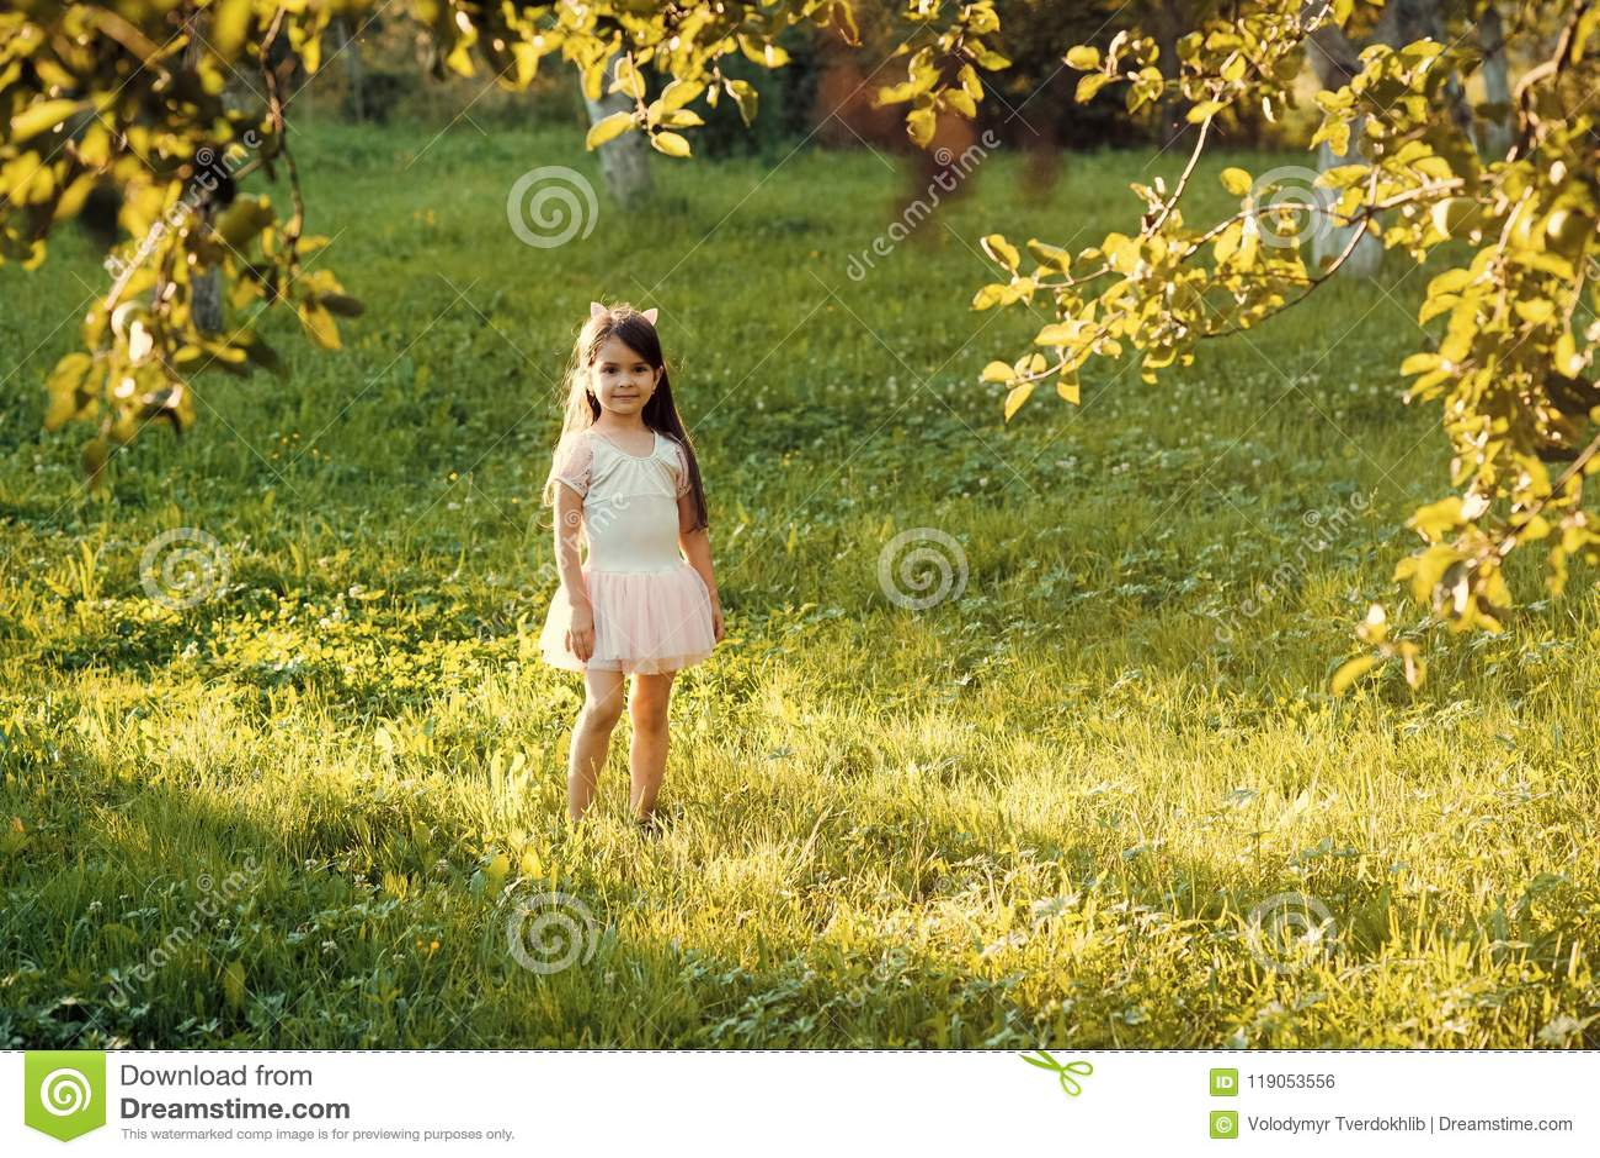 Kindheit, Jugend, Unschuld Kleines Mädchenspiel auf grünem Gras im Sommerpark, Ferien